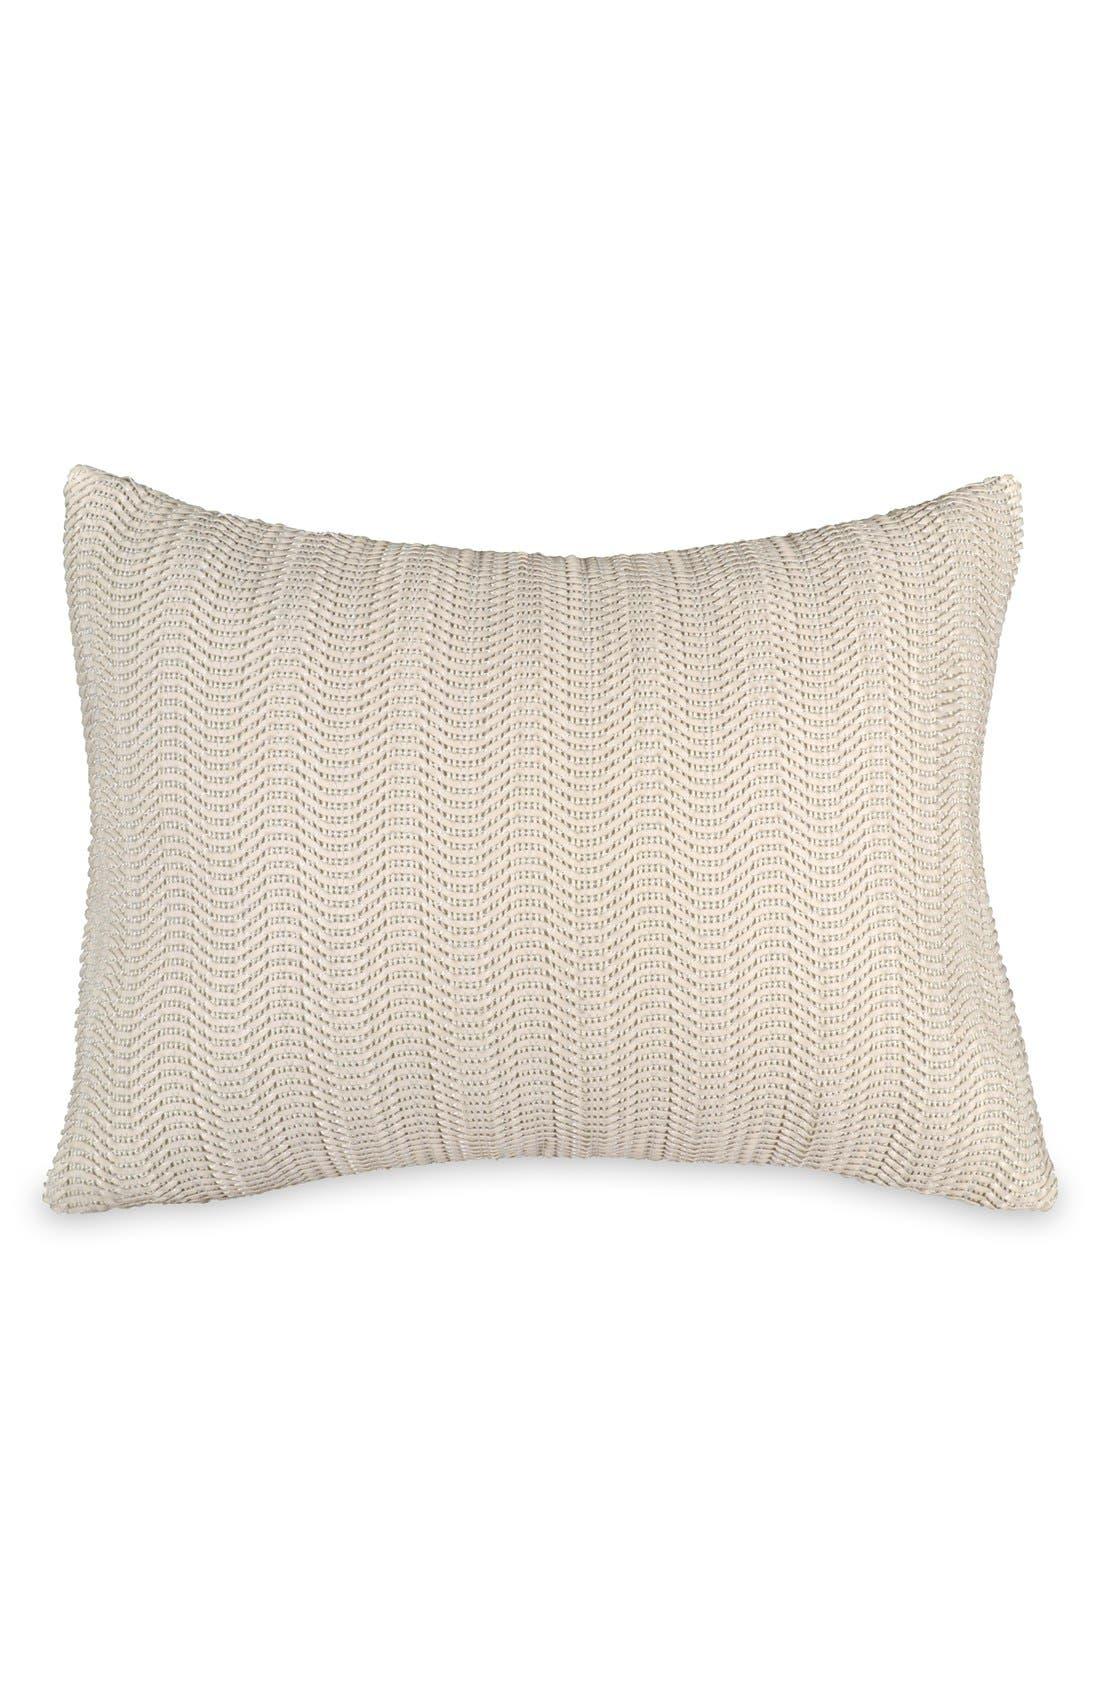 Donna Karan Collection 'Moonscape' Woven Pillow